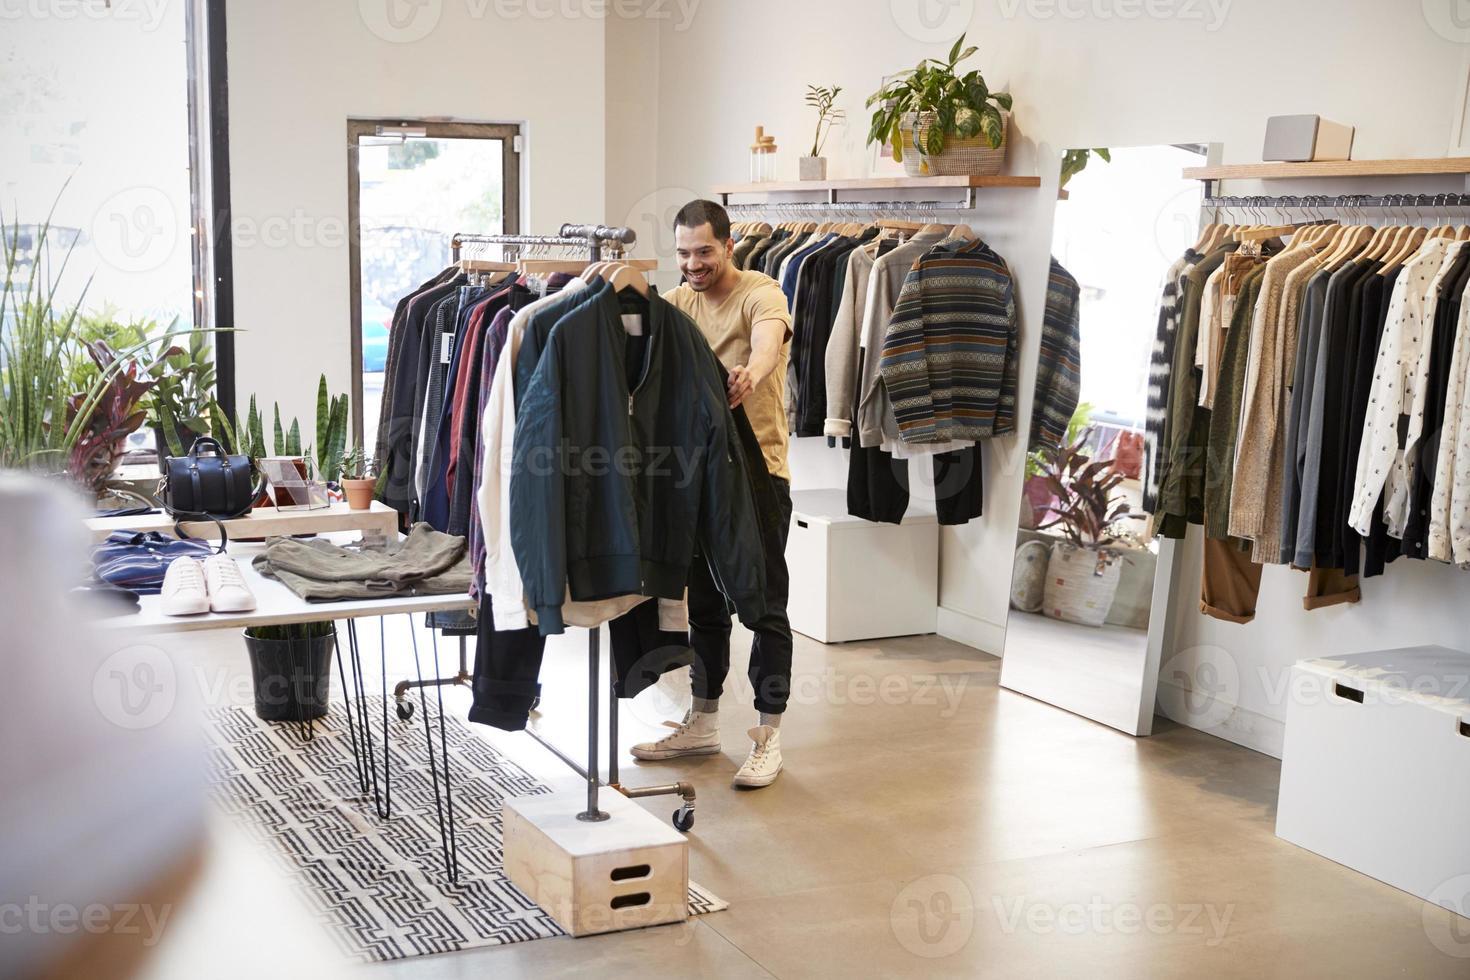 ung latinamerikansk man som bläddrar igenom kläder i en butik foto